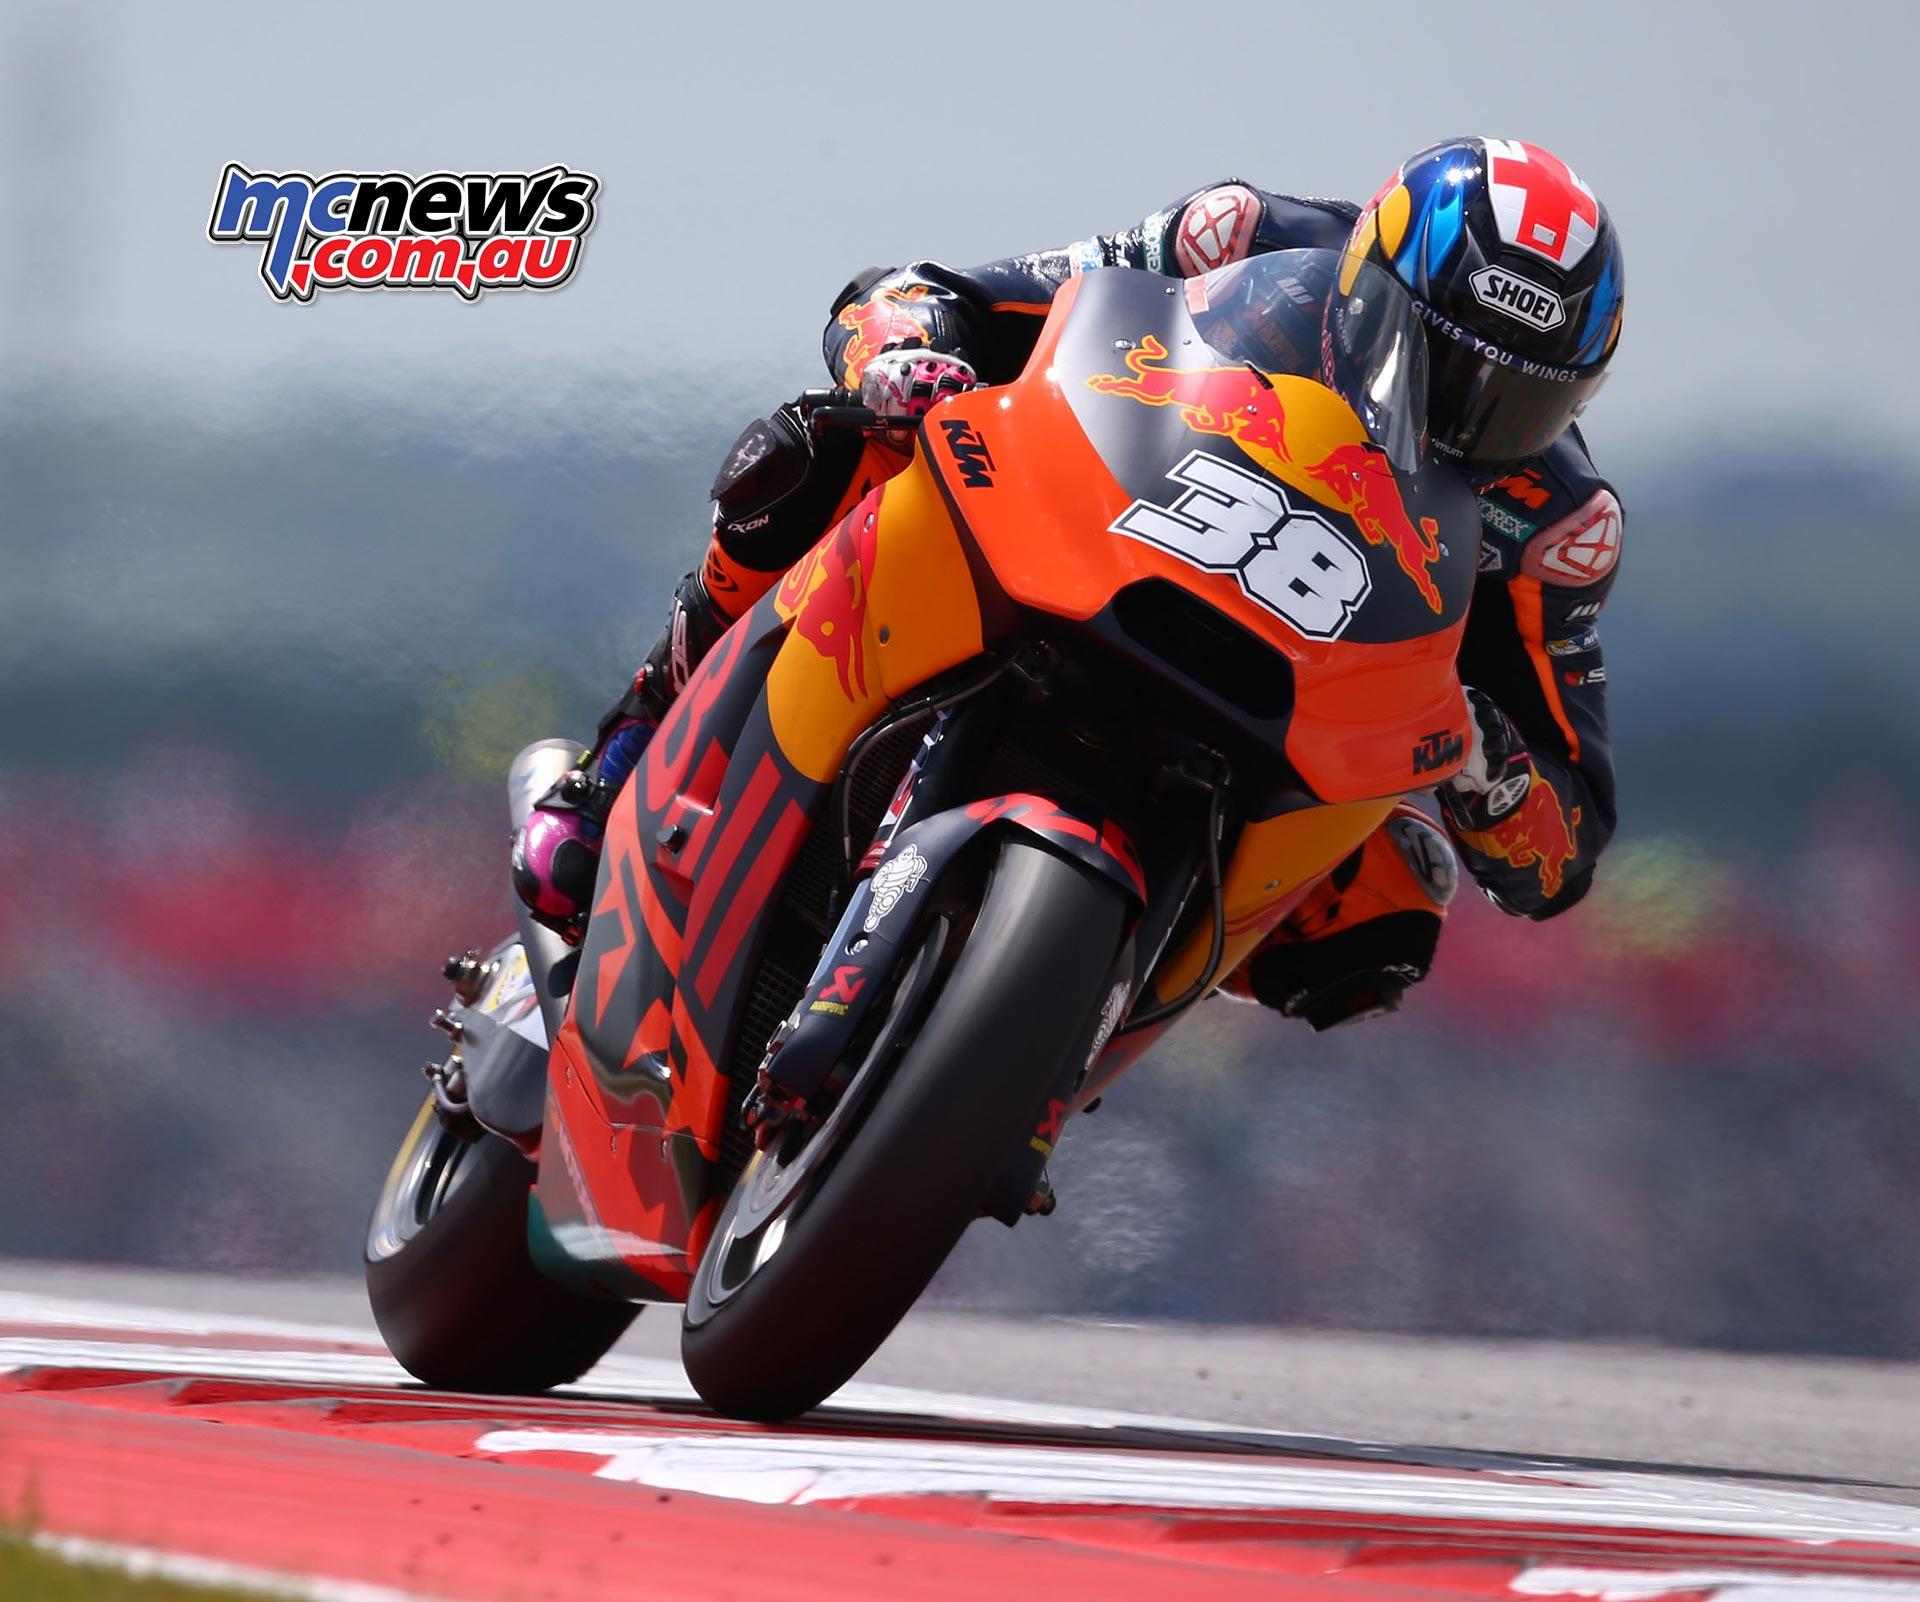 COTA MotoGP   Quotes   Results   Points   Images   MCNews.com.au